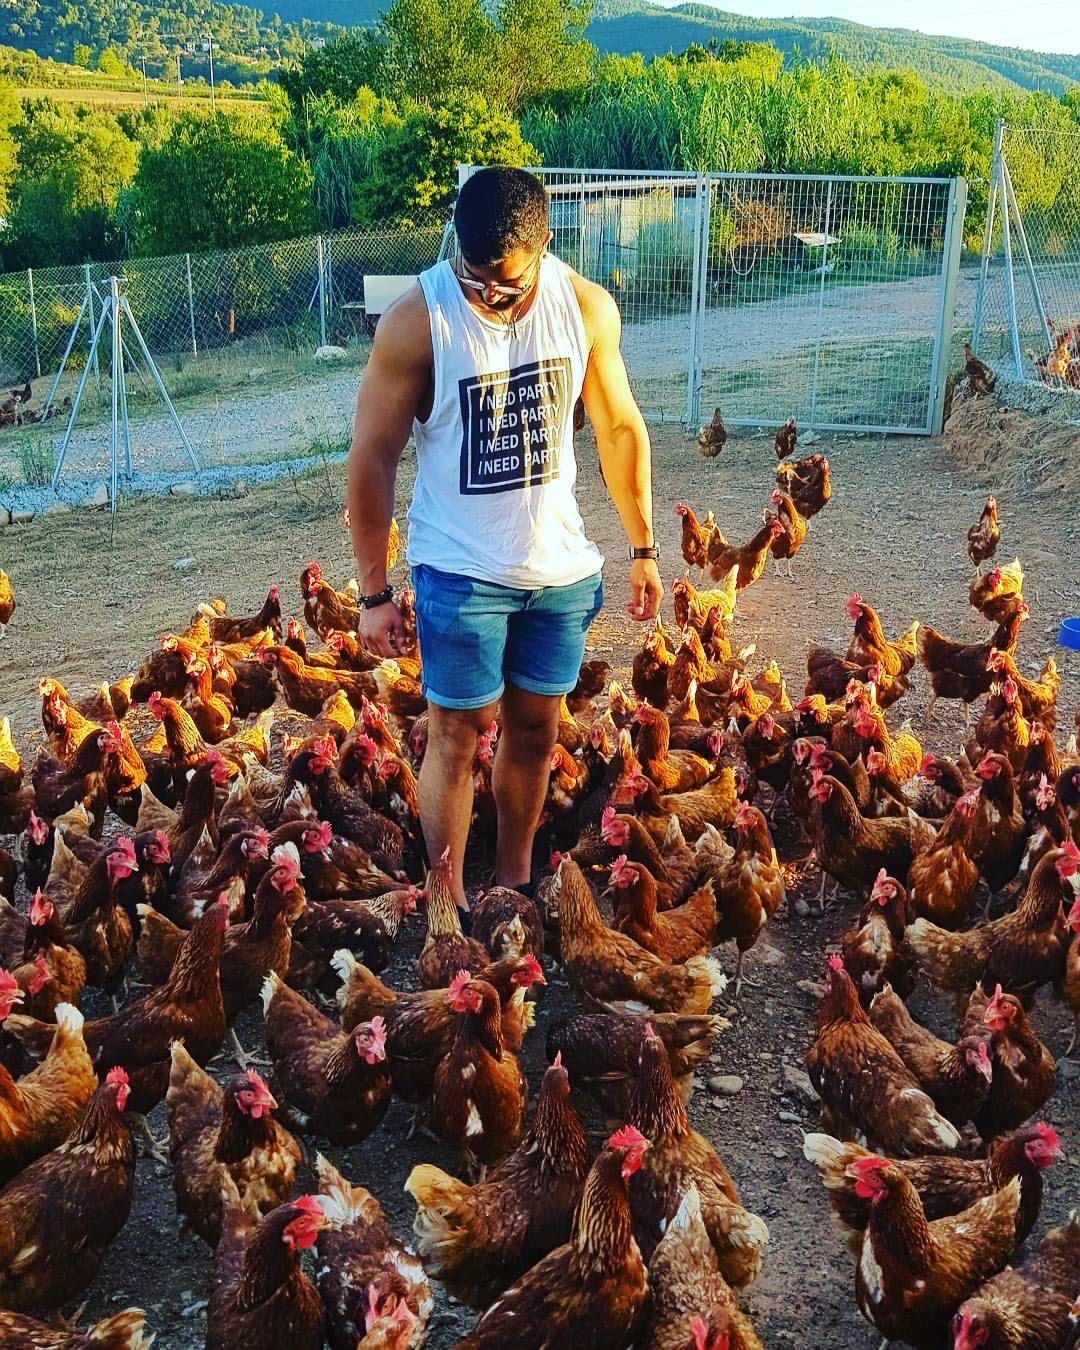 Granja de gallinas ecológicas en Martorell, Barcelona